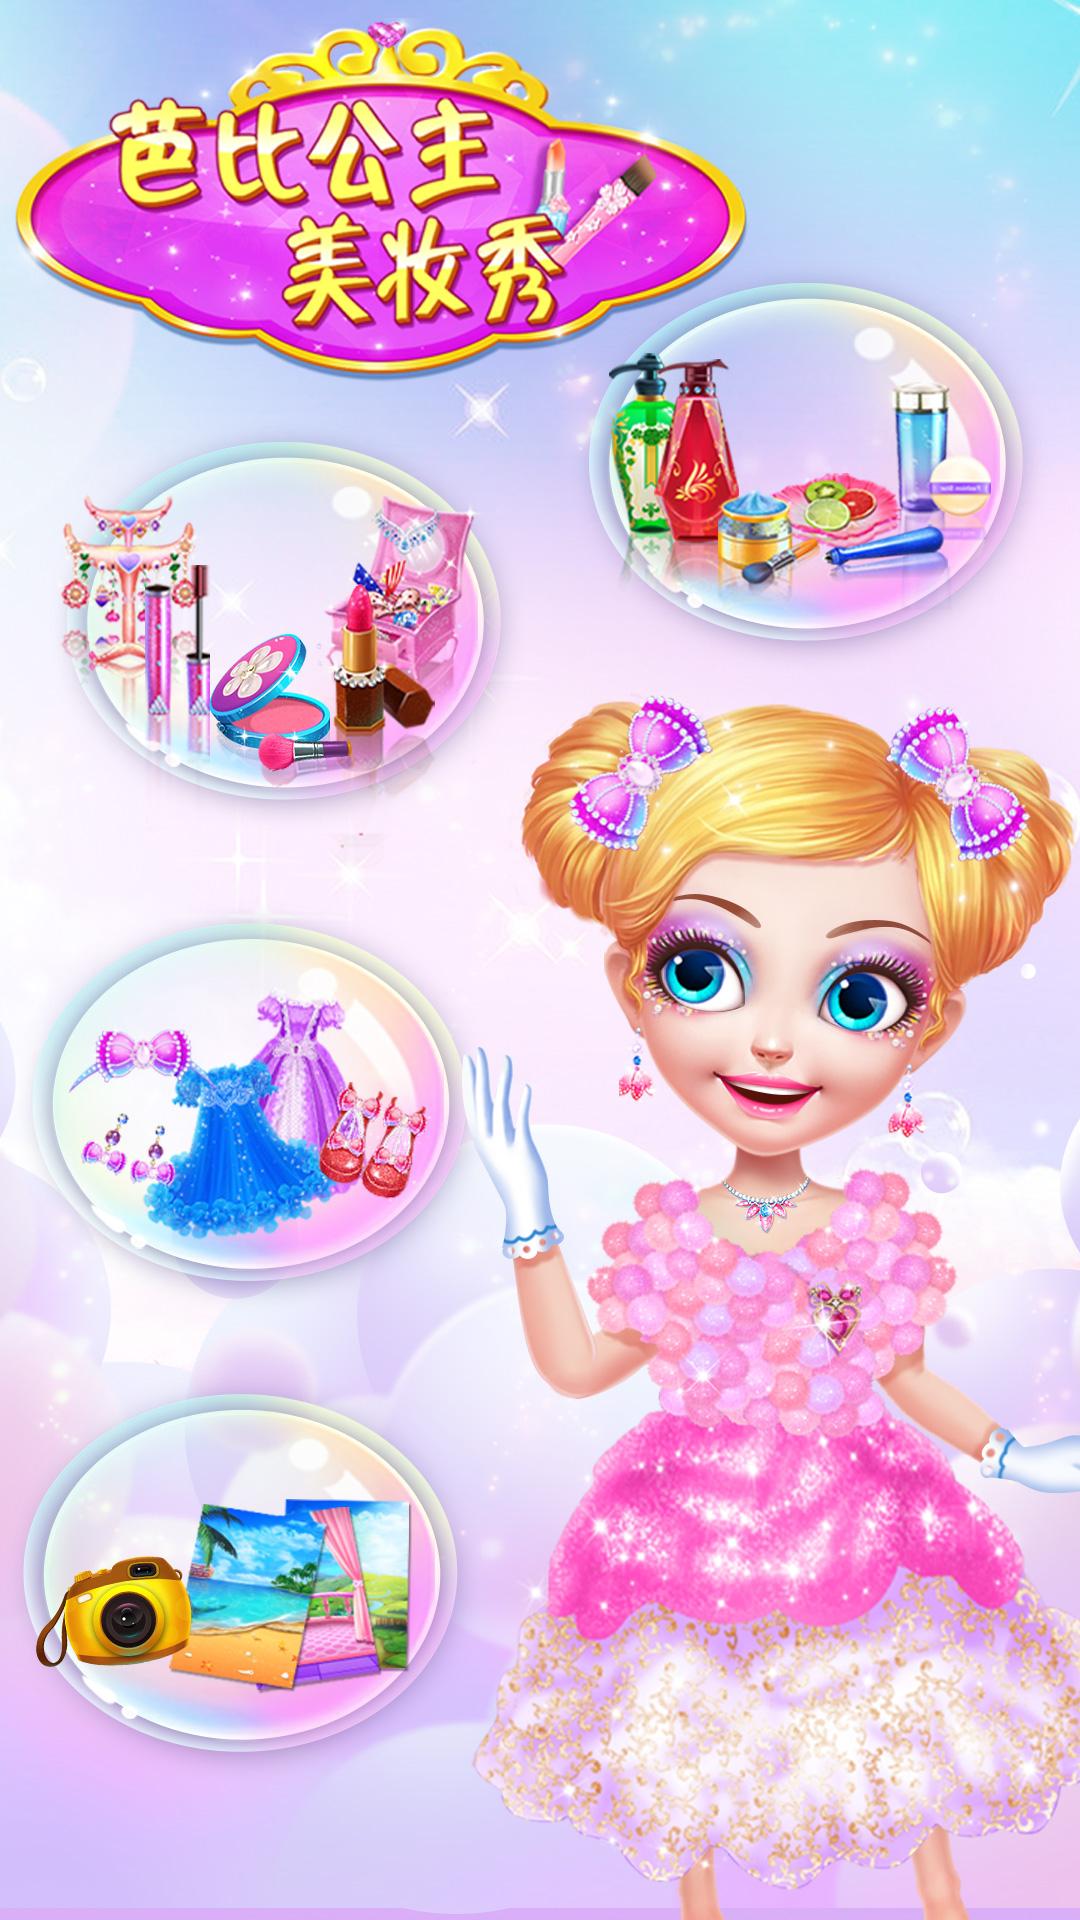 芭比公主美妆秀 APP截图